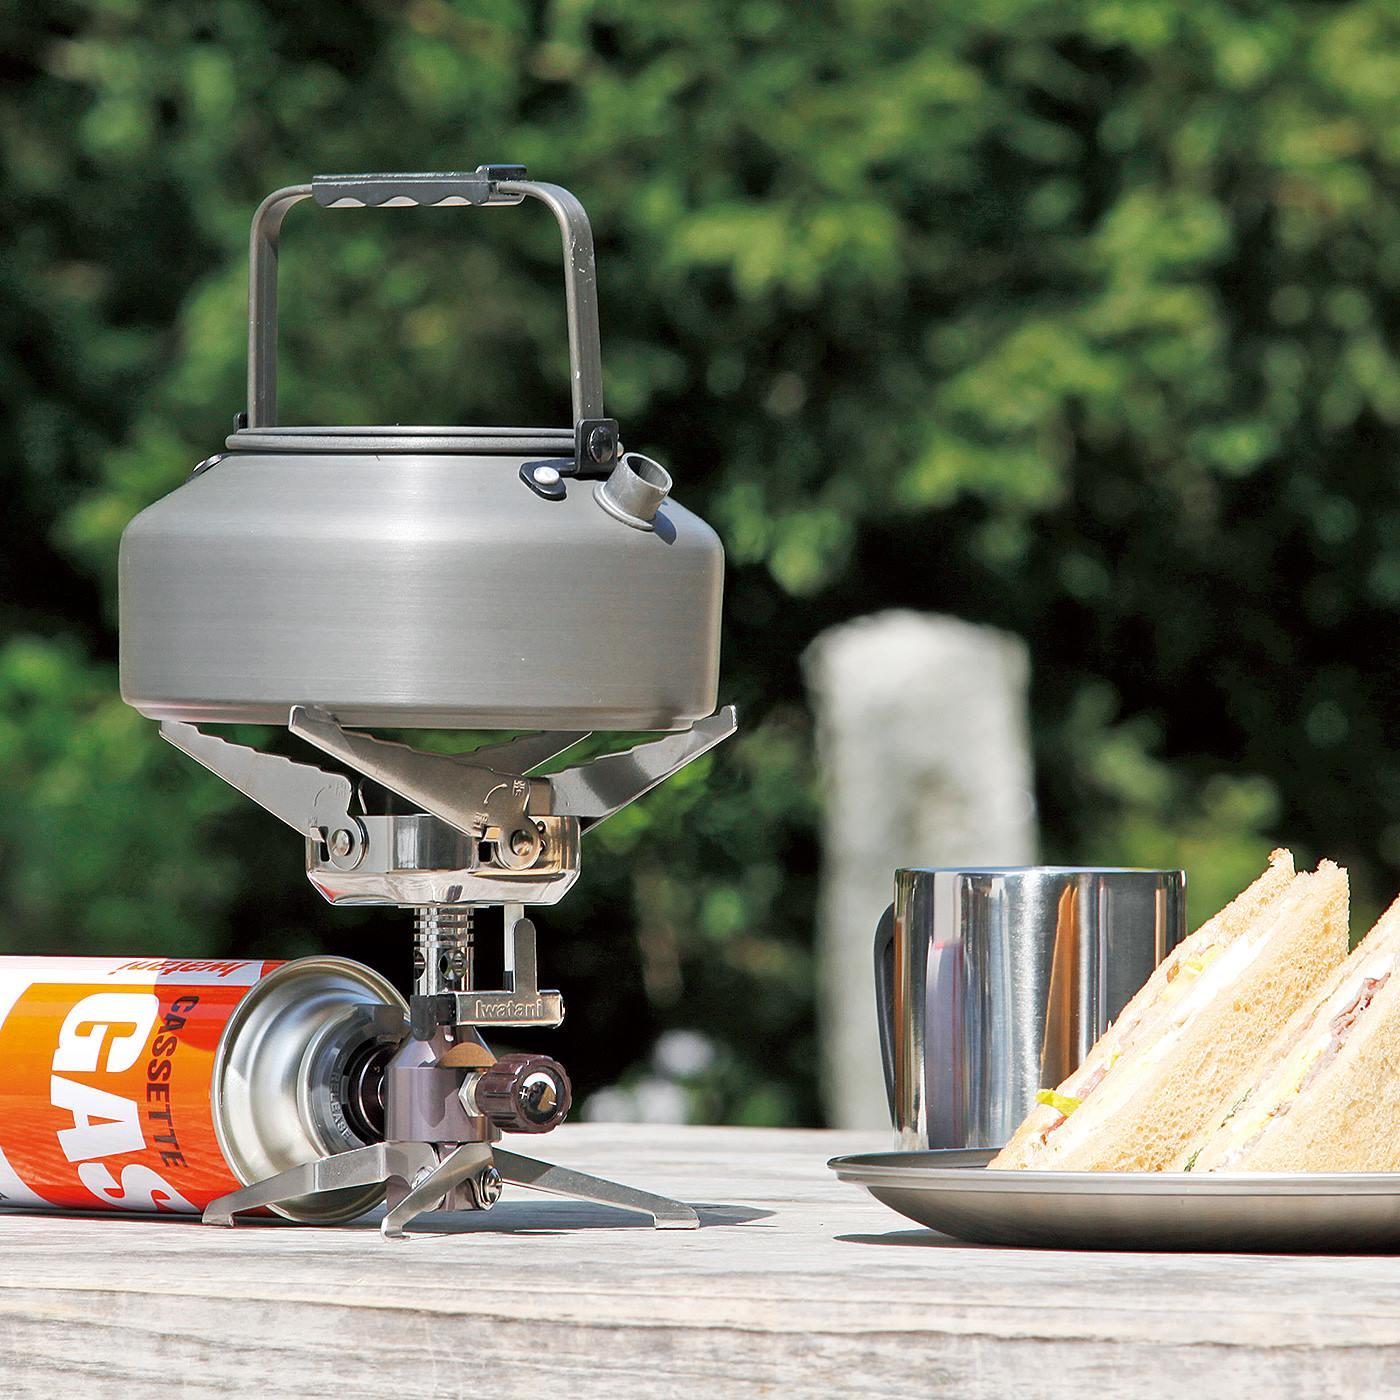 Kraso[クラソ]  防災・アウトドアの湯沸かしや料理に 手のひらサイズのコンパクトカセットコンロ あたたかな淹れたてのコーヒーやお茶を楽しめます。小さめのフライパンや鍋も!